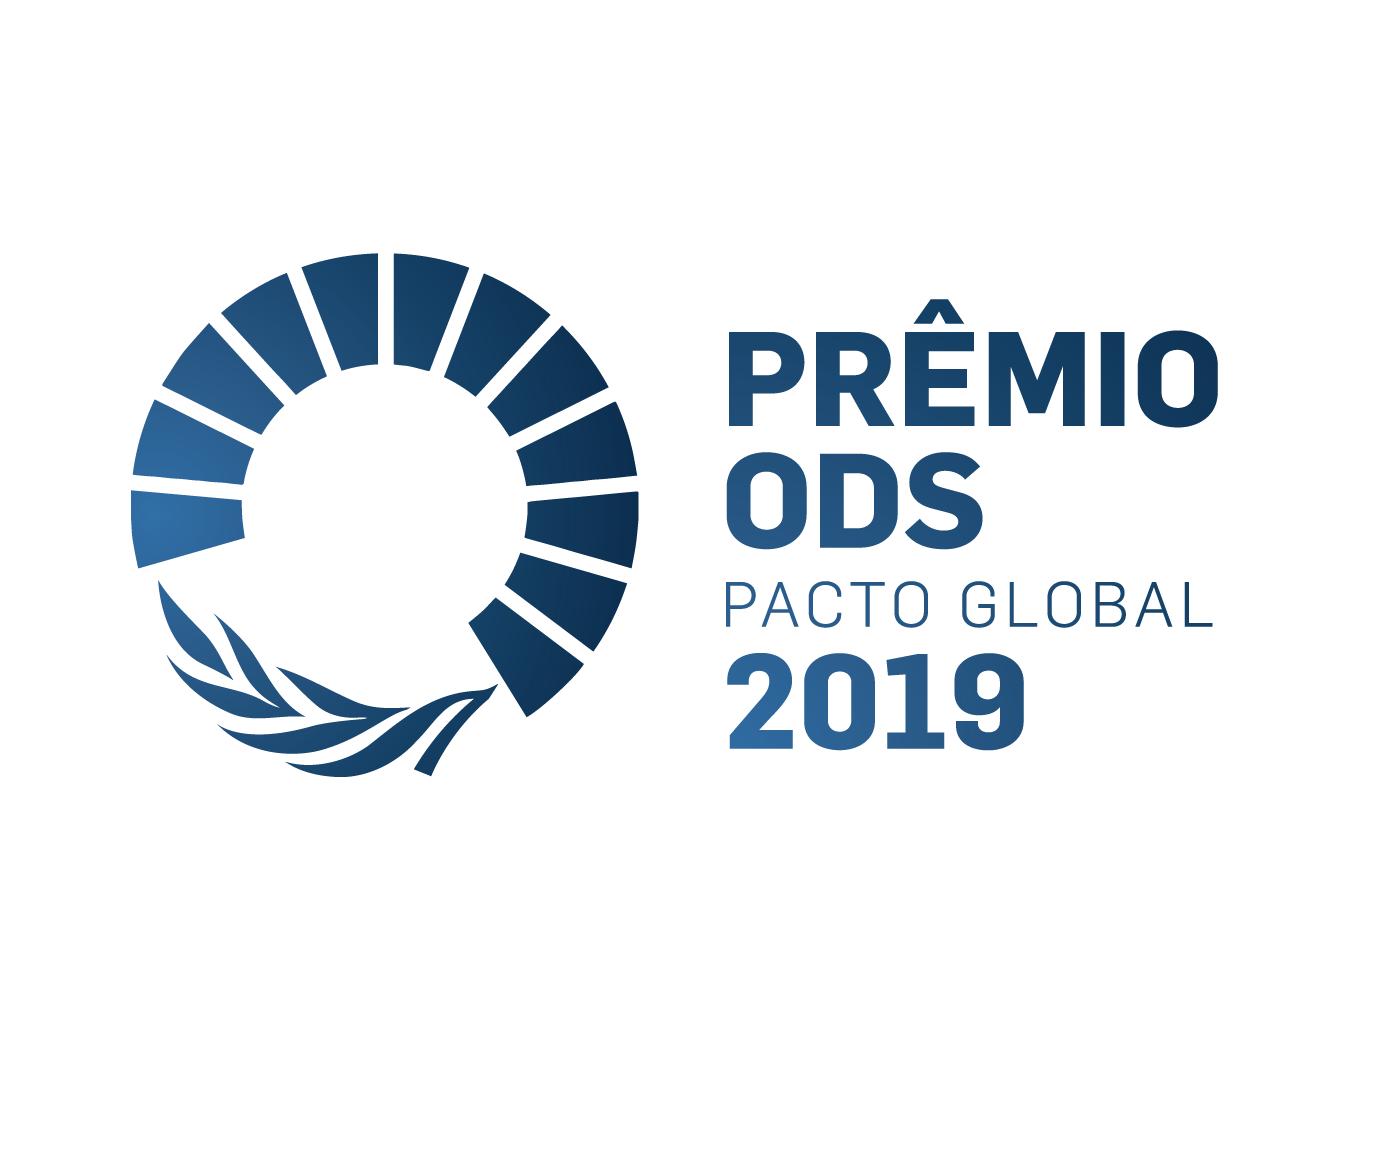 Prêmio ODS Pacto Global: uma competição mundial de sustentabilidade corporativa